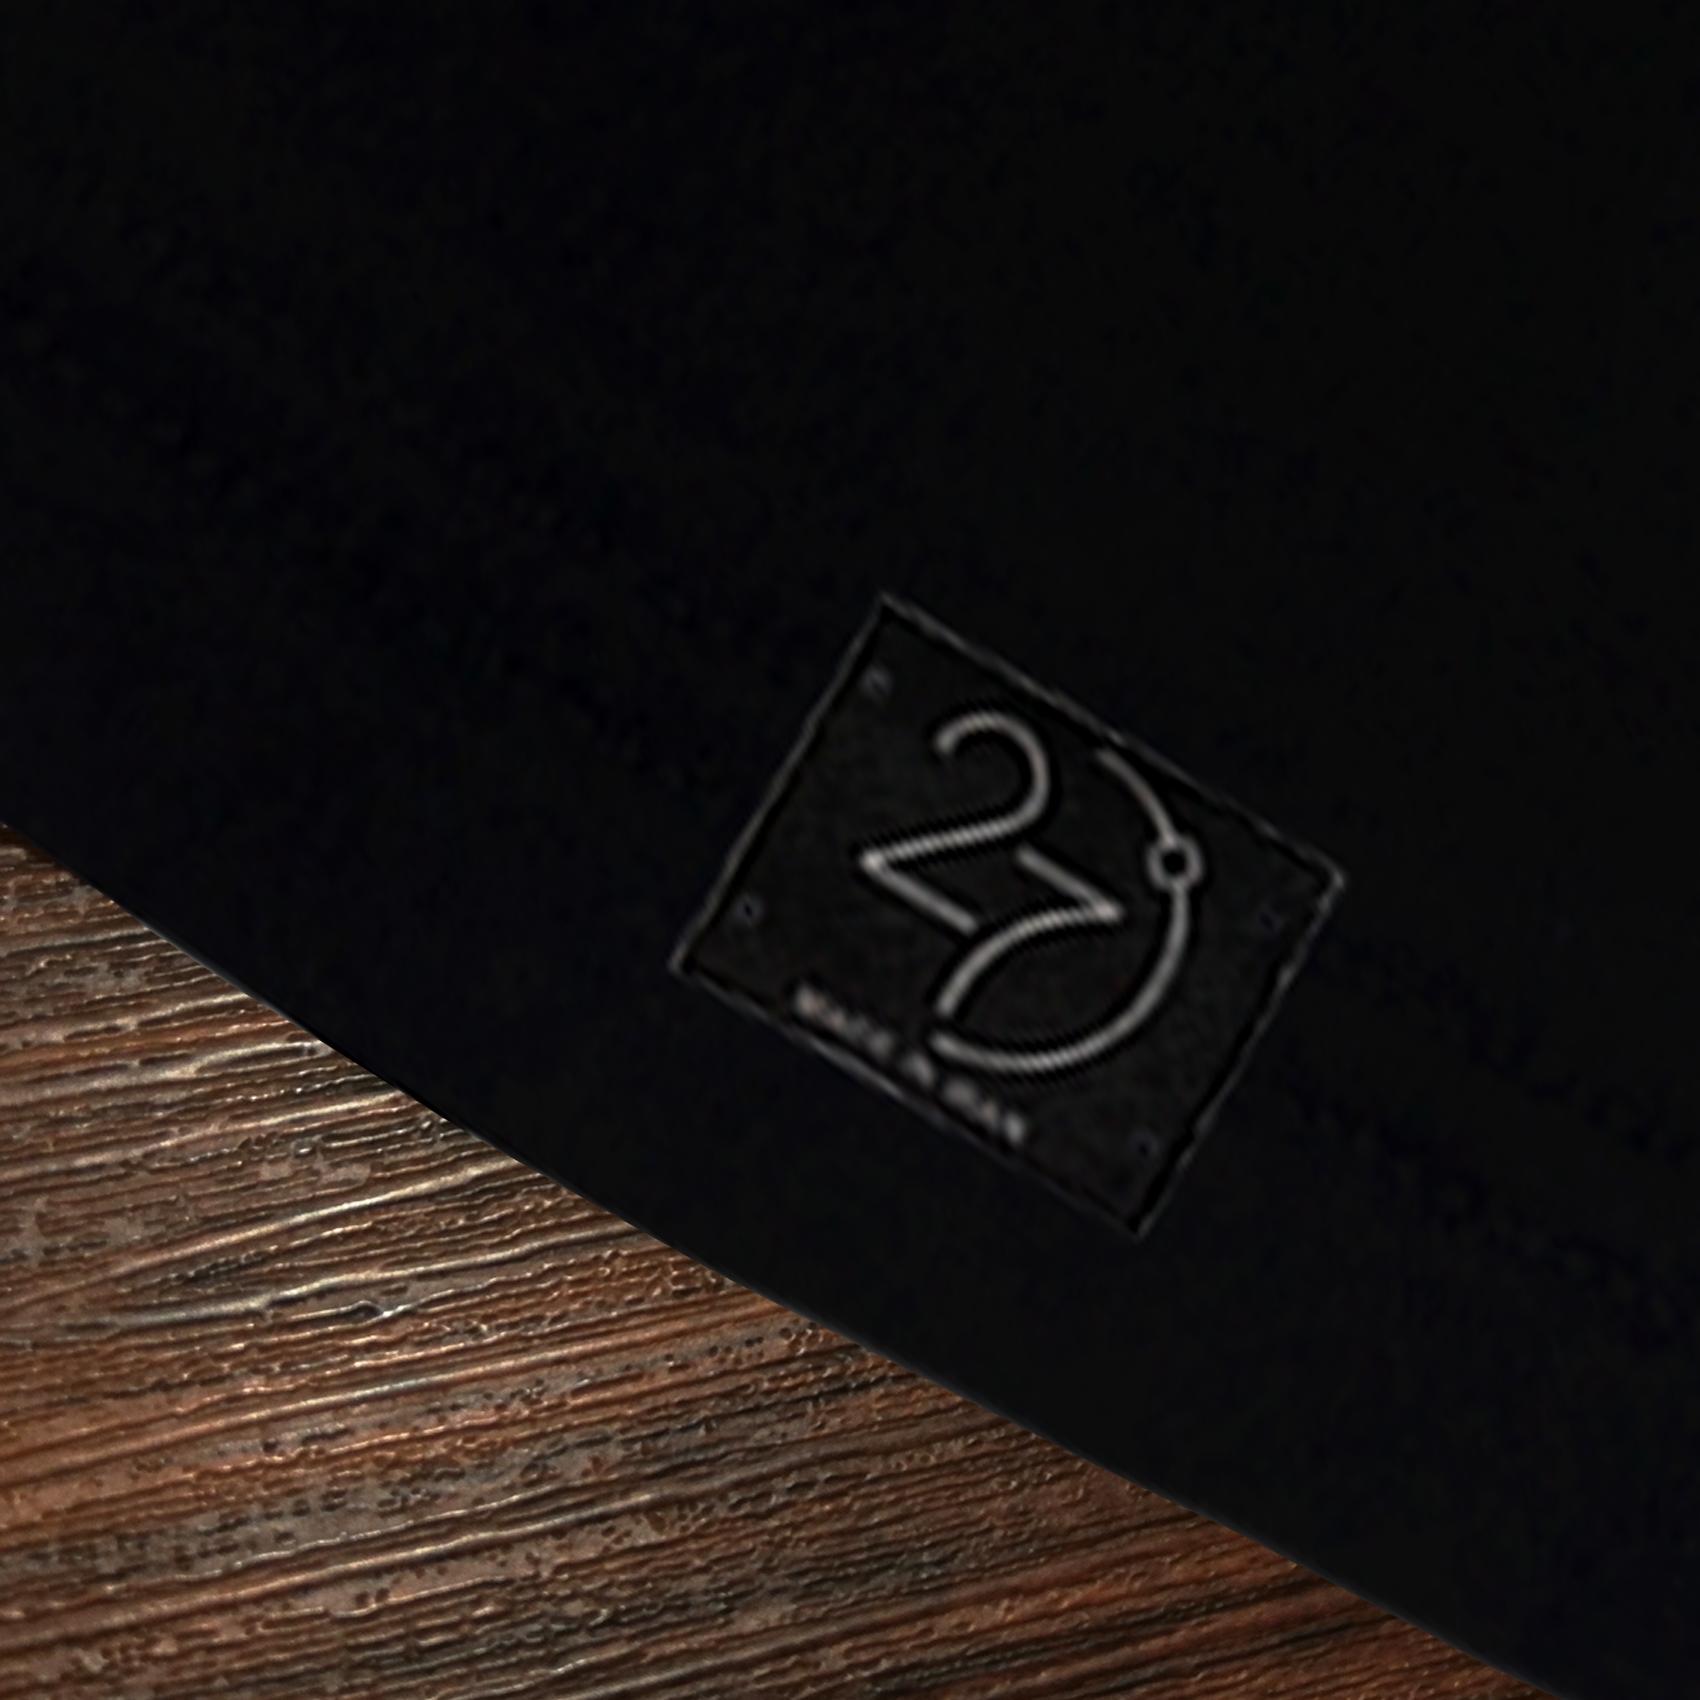 تی شرت آستین کوتاه مردانه 27 طرح عقاب کد TR05 رنگ مشکی -  - 3